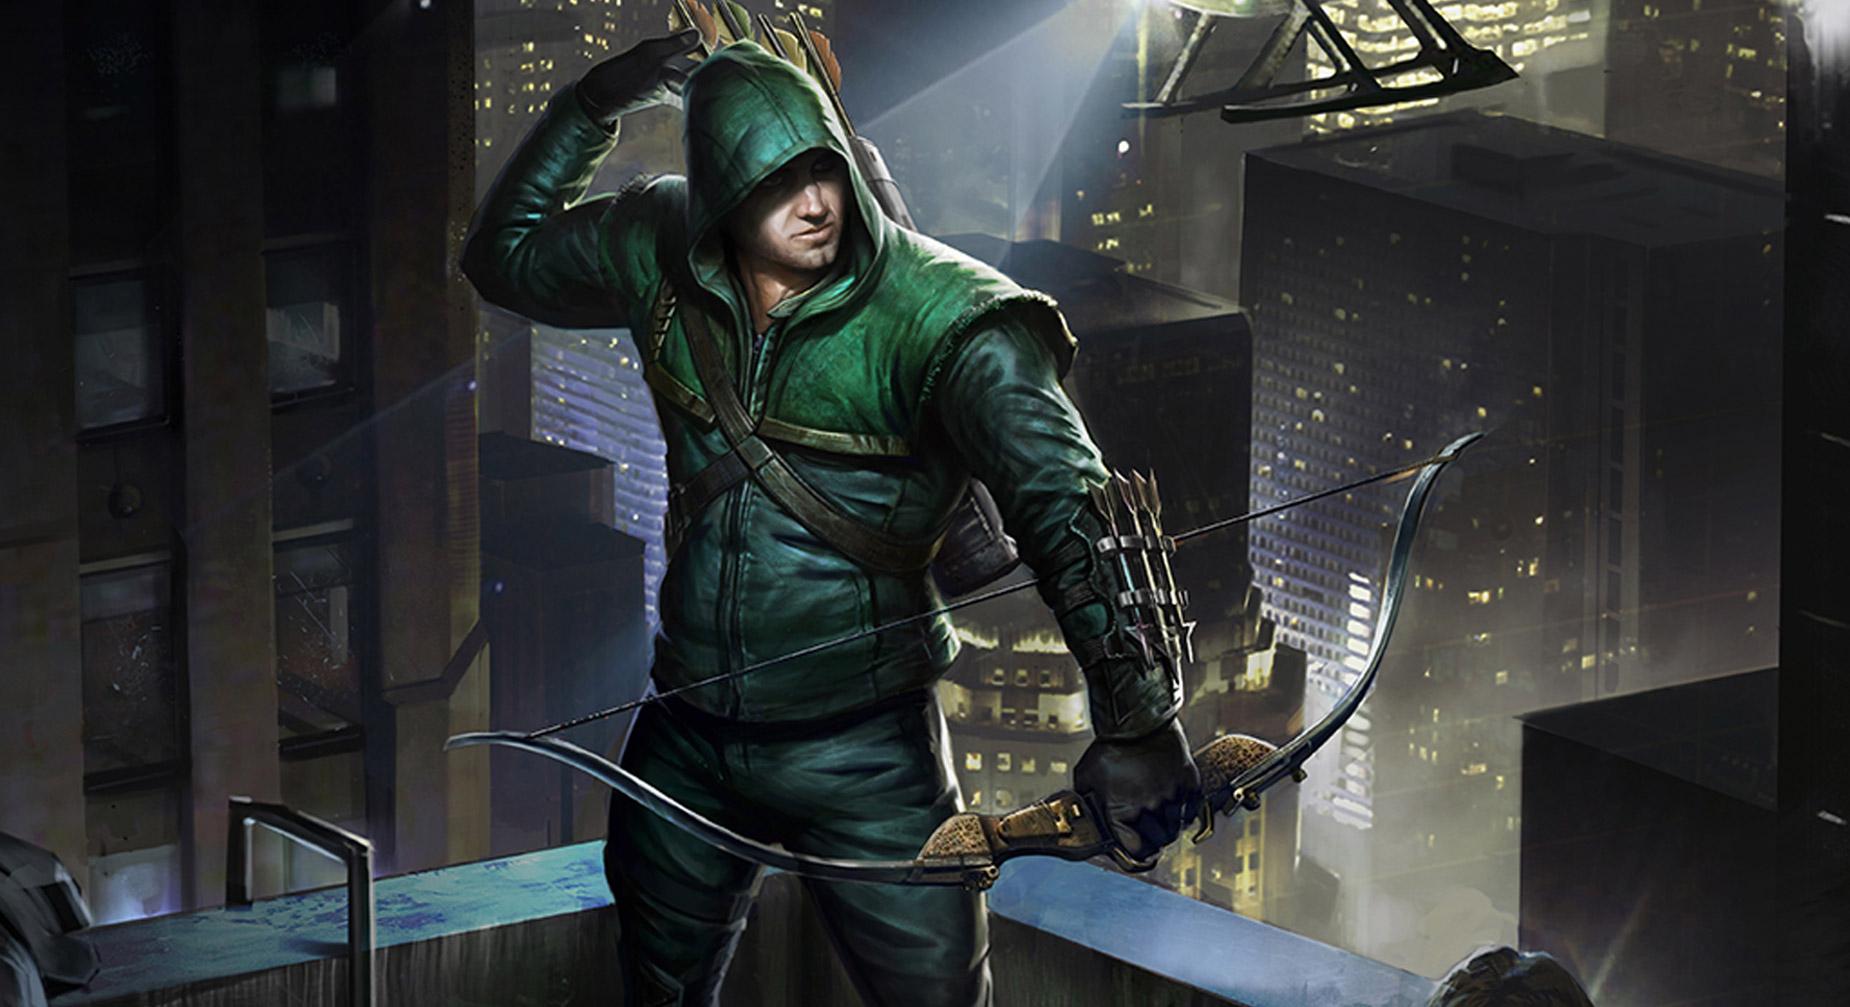 раздумывая, зеленая стрела арты худела первый раз